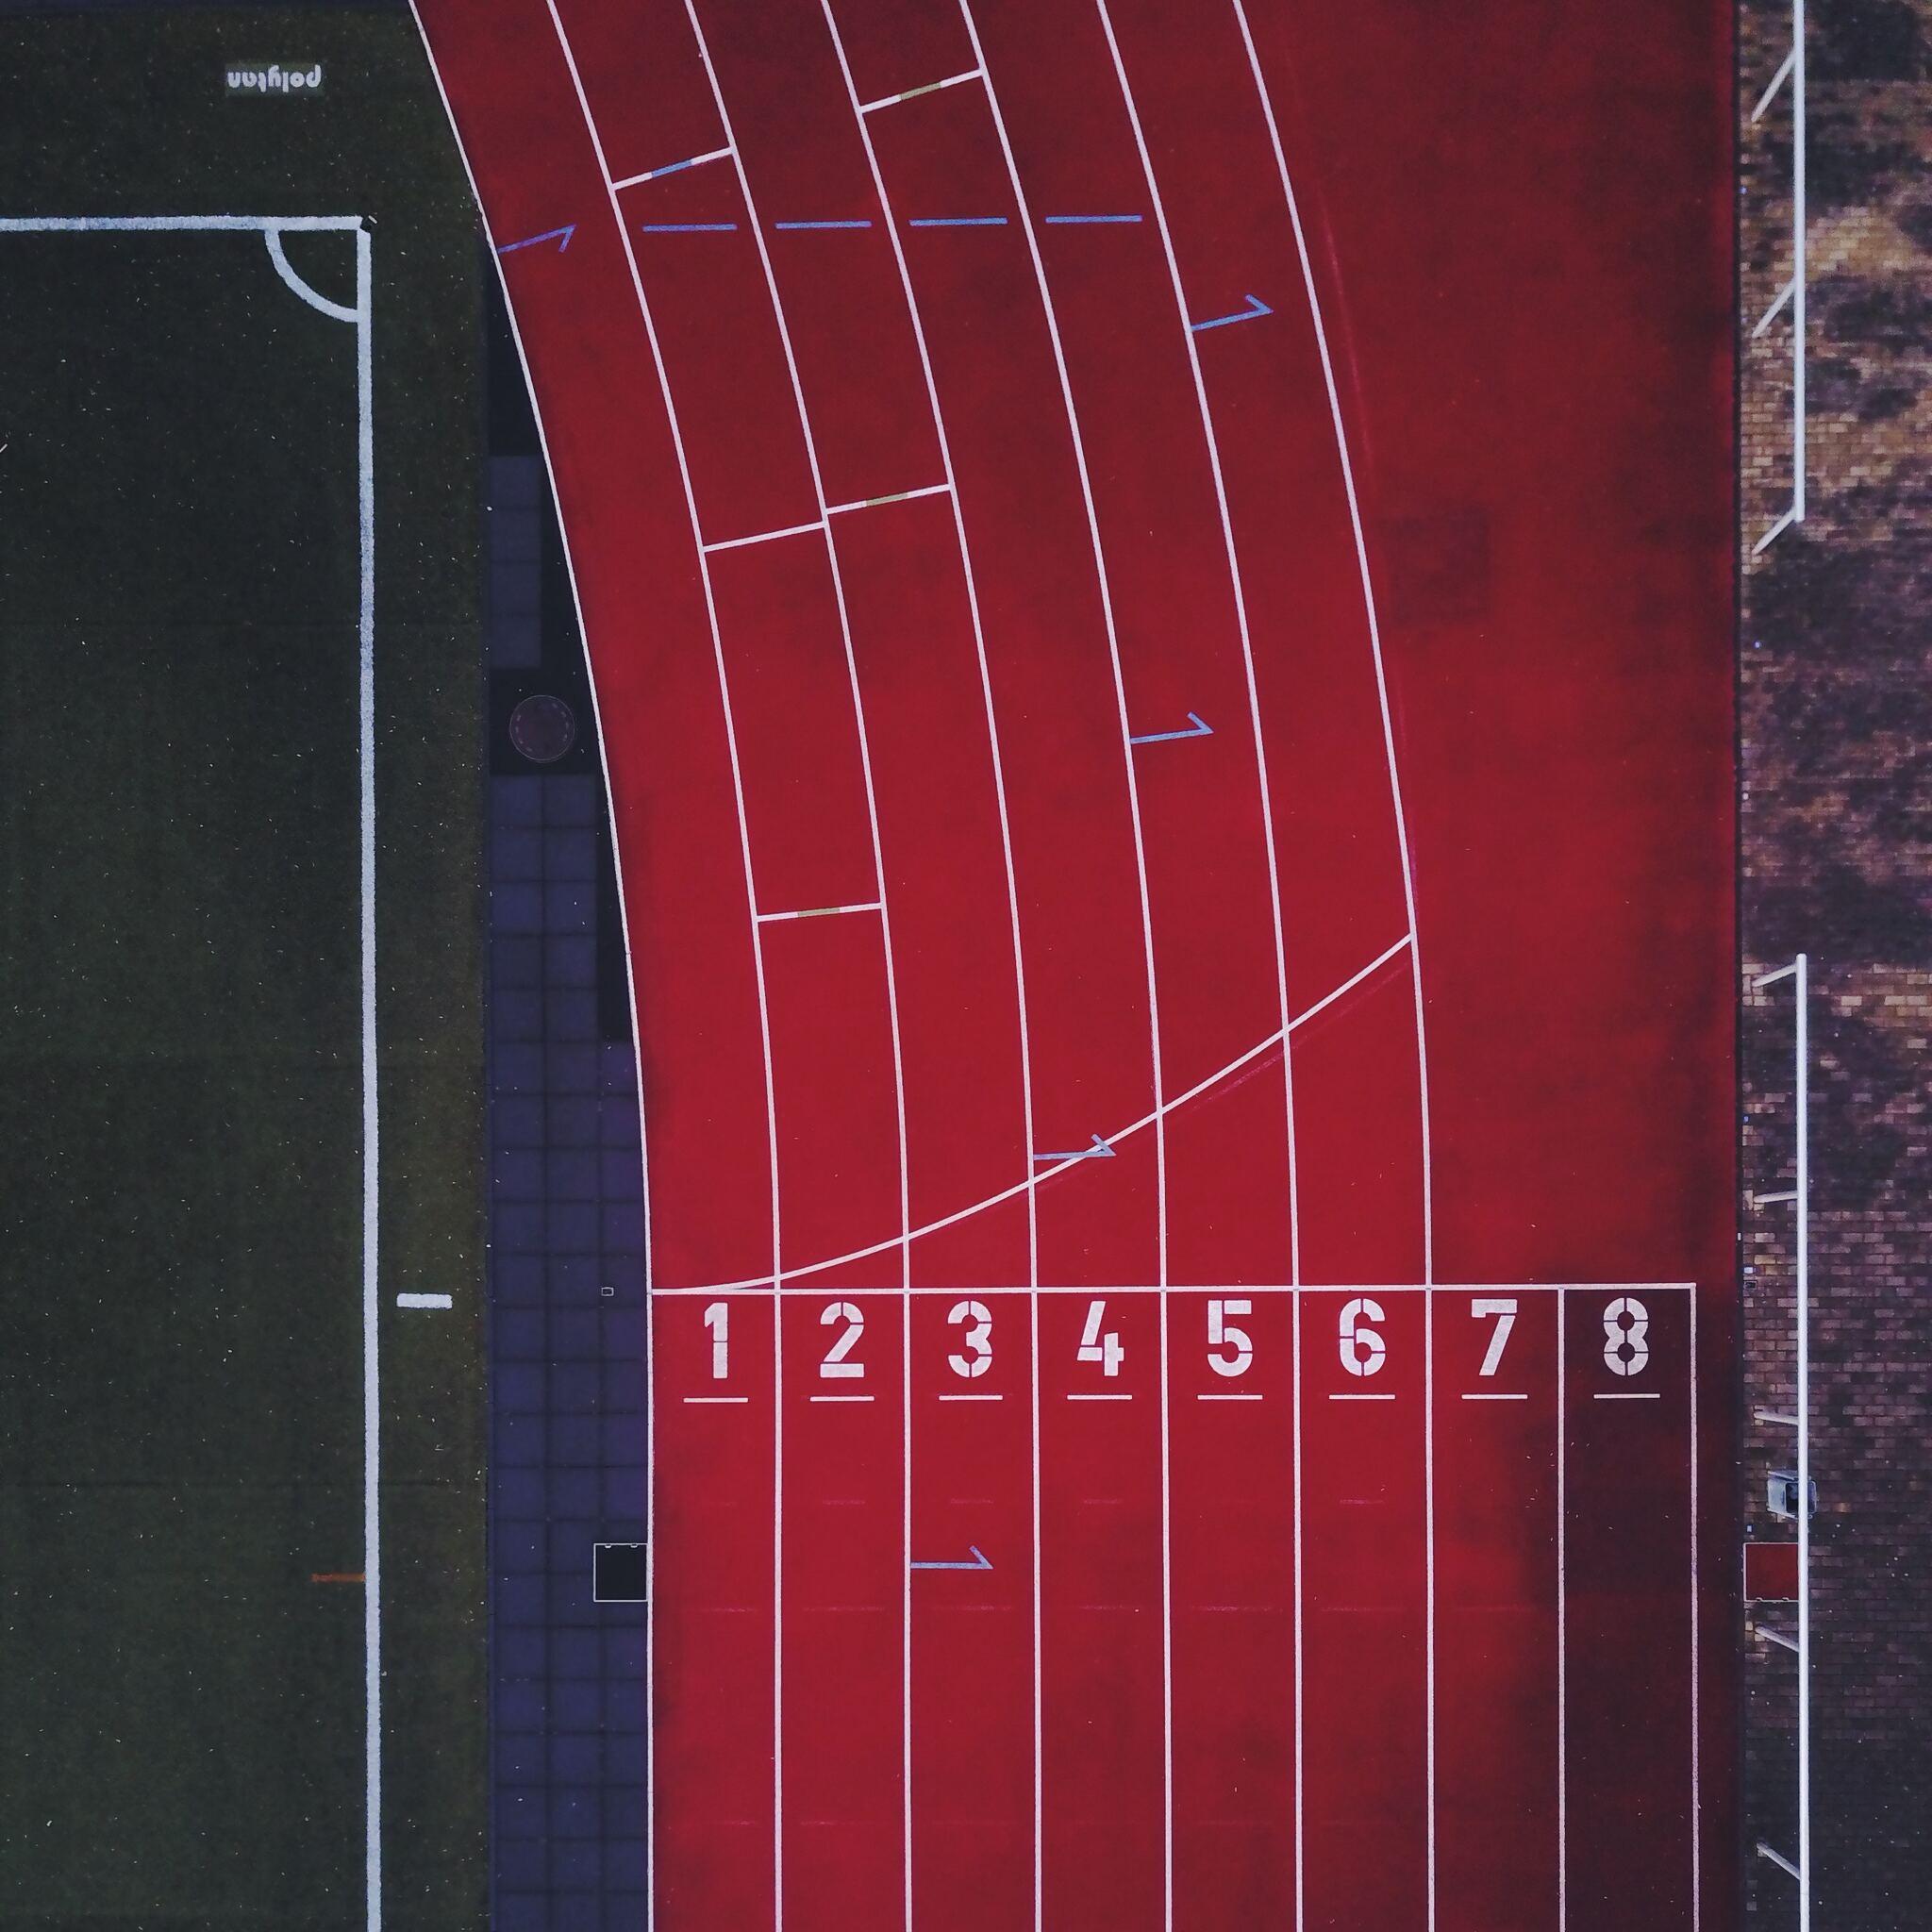 aerial-view-of-racing-track-numbers-76.jpg